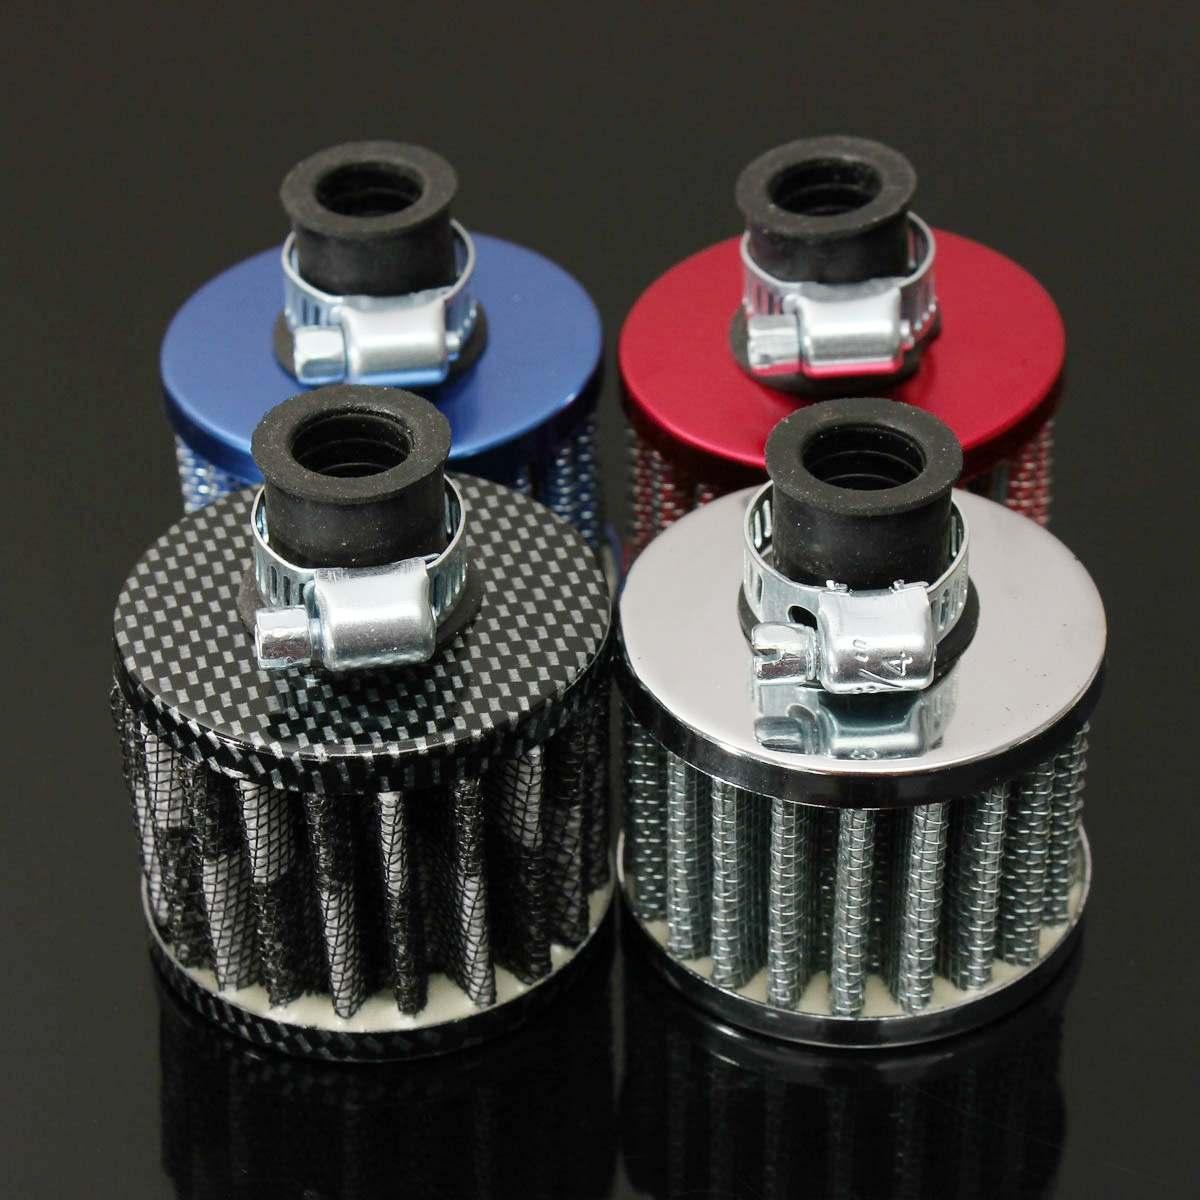 Kit universel de filtre d'admission d'air froid d'huile de moteur Durable de haute qualité de 12mm